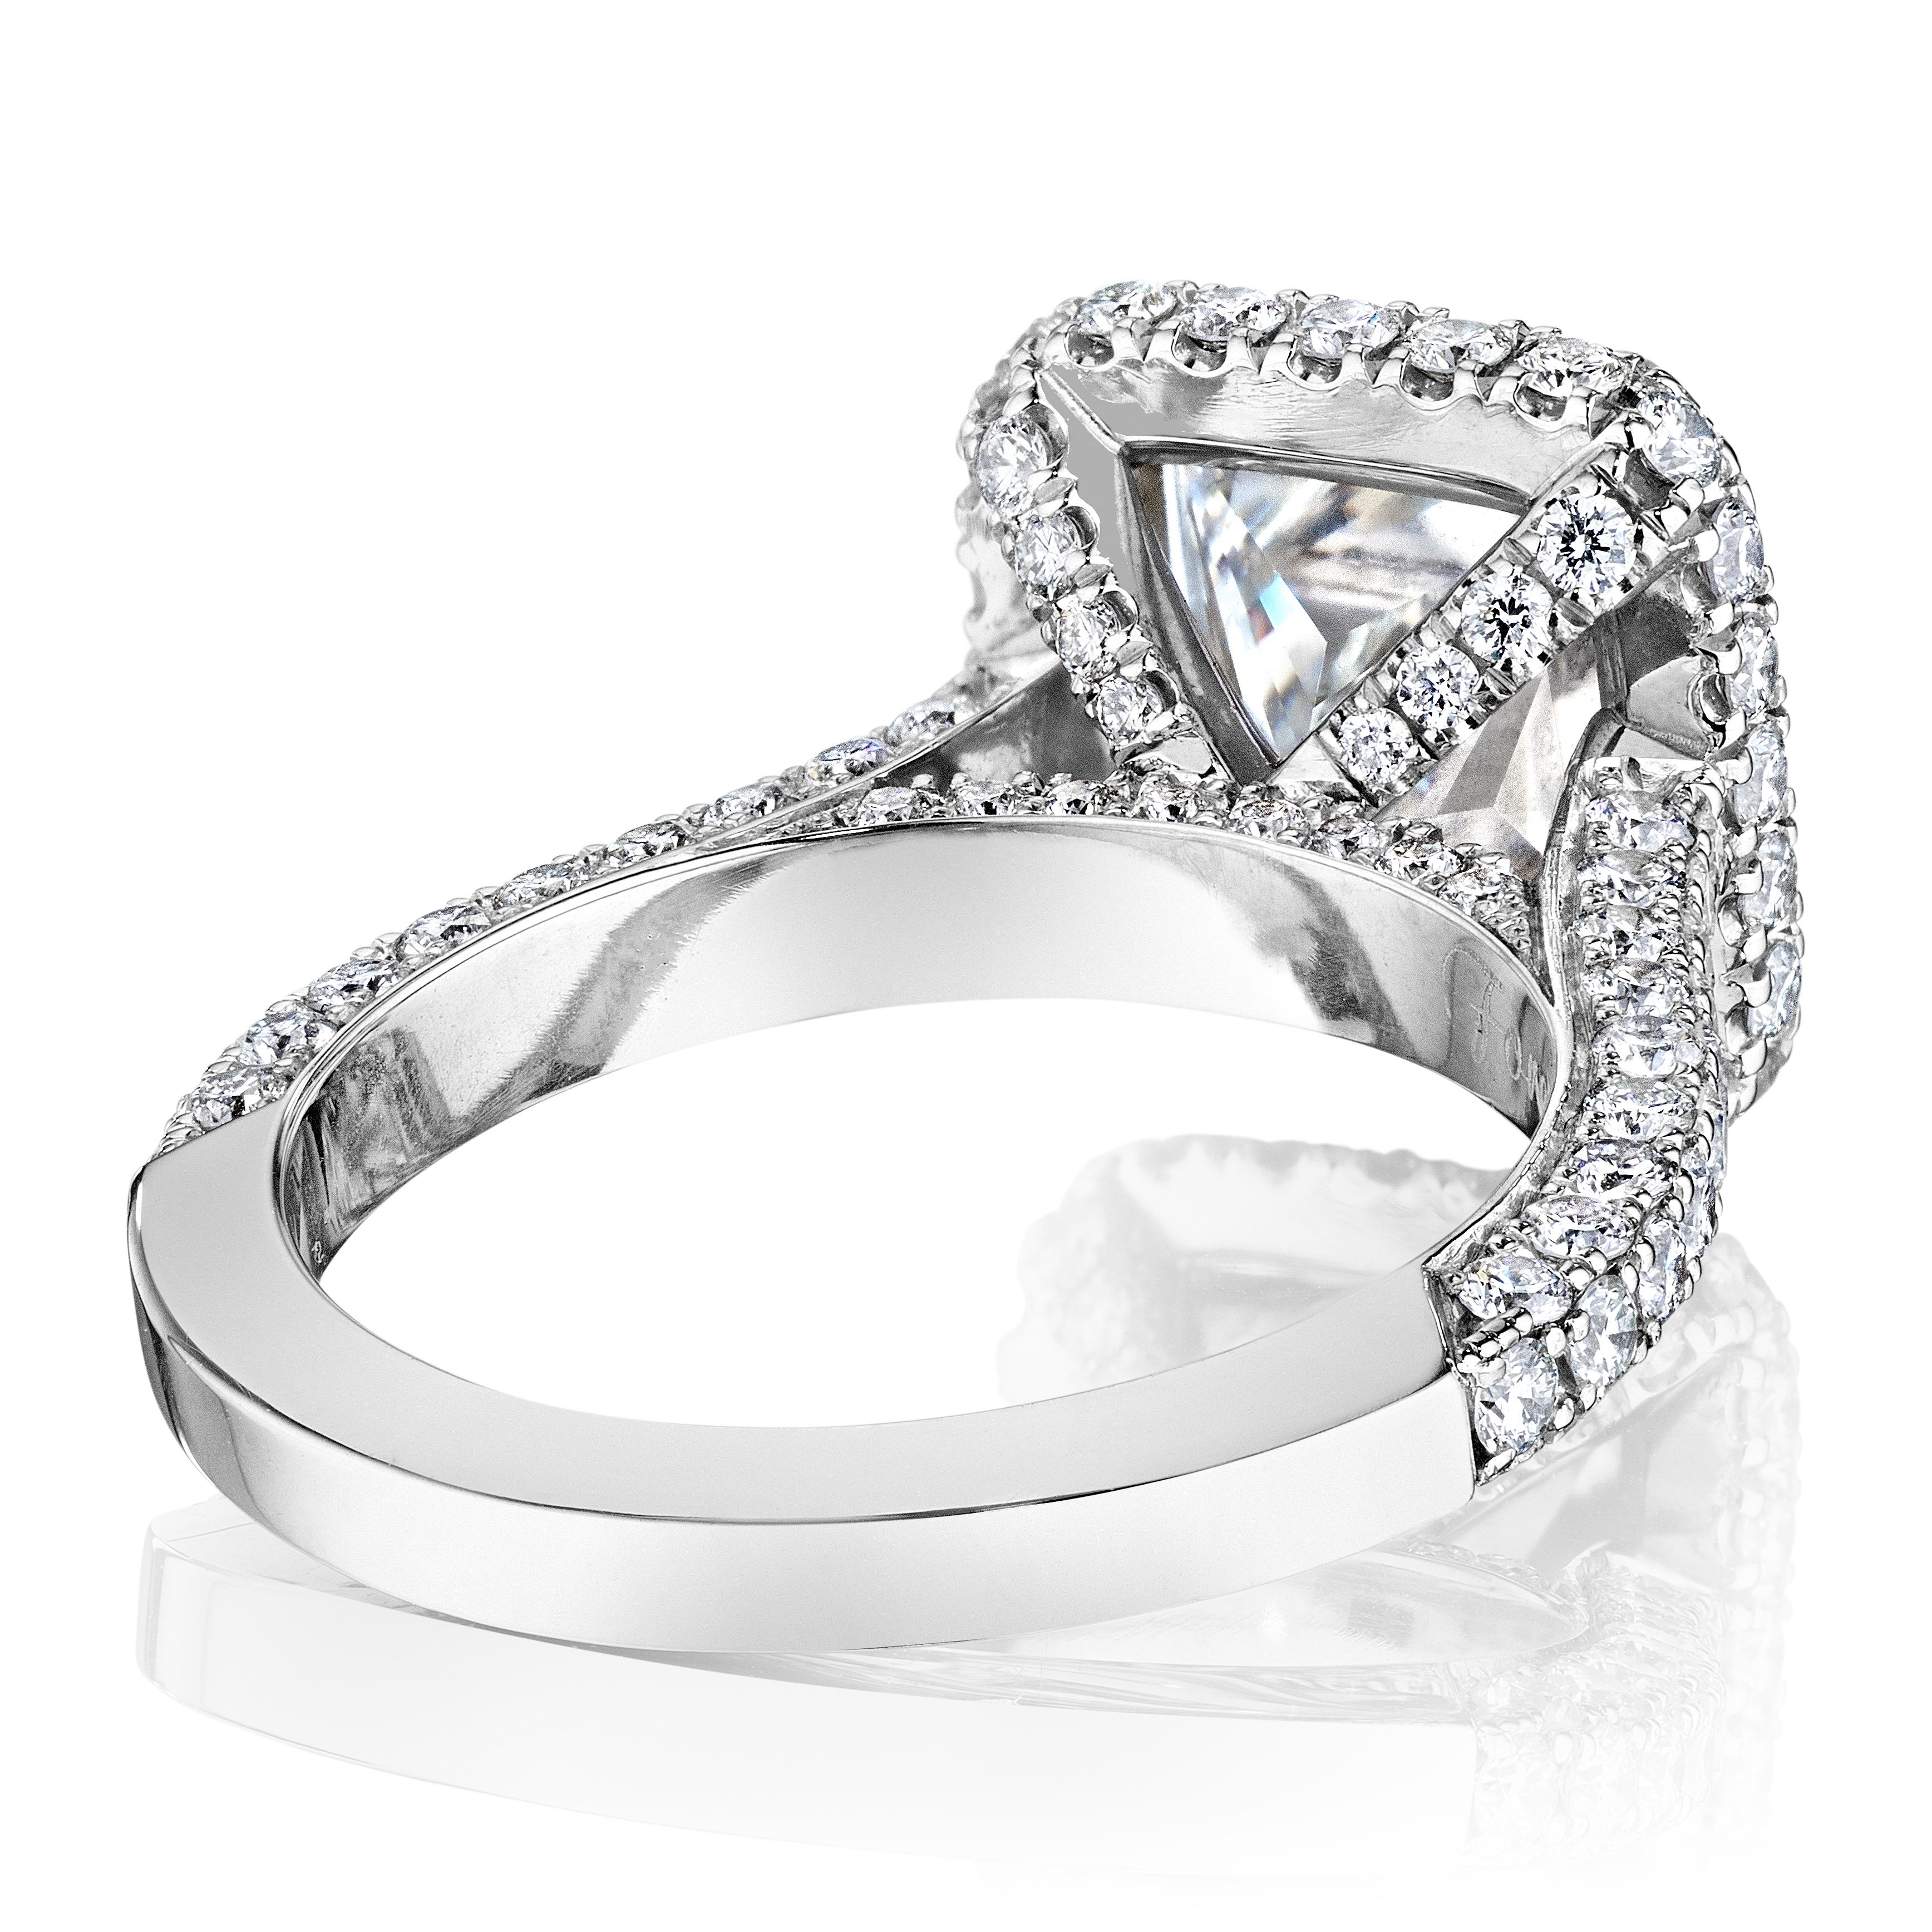 Amani Image 2 Forever Diamonds New York, NY